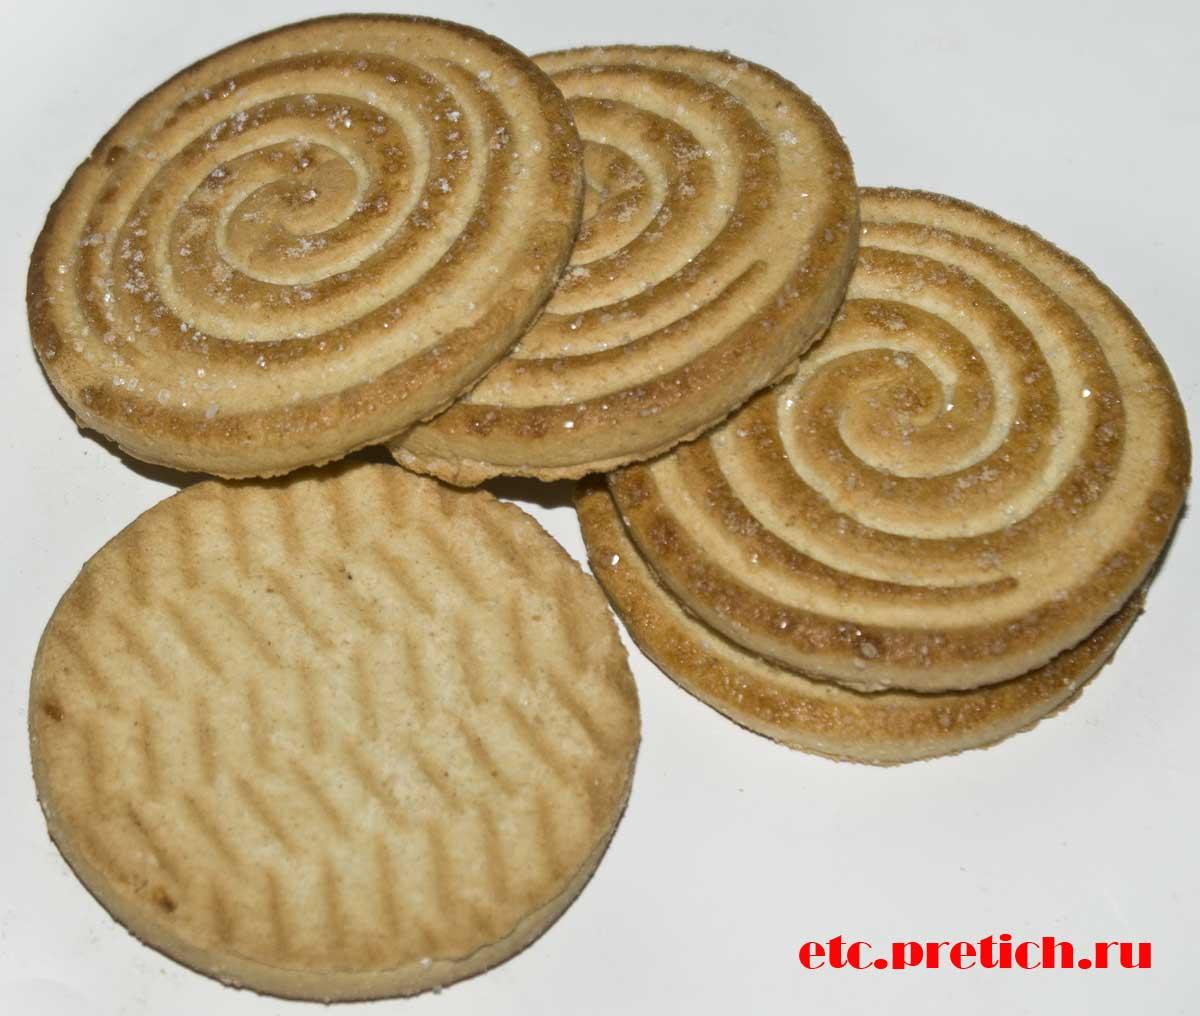 Отзыв и сравнение печенье KONTI Карапуз с сахаром, что лучше?